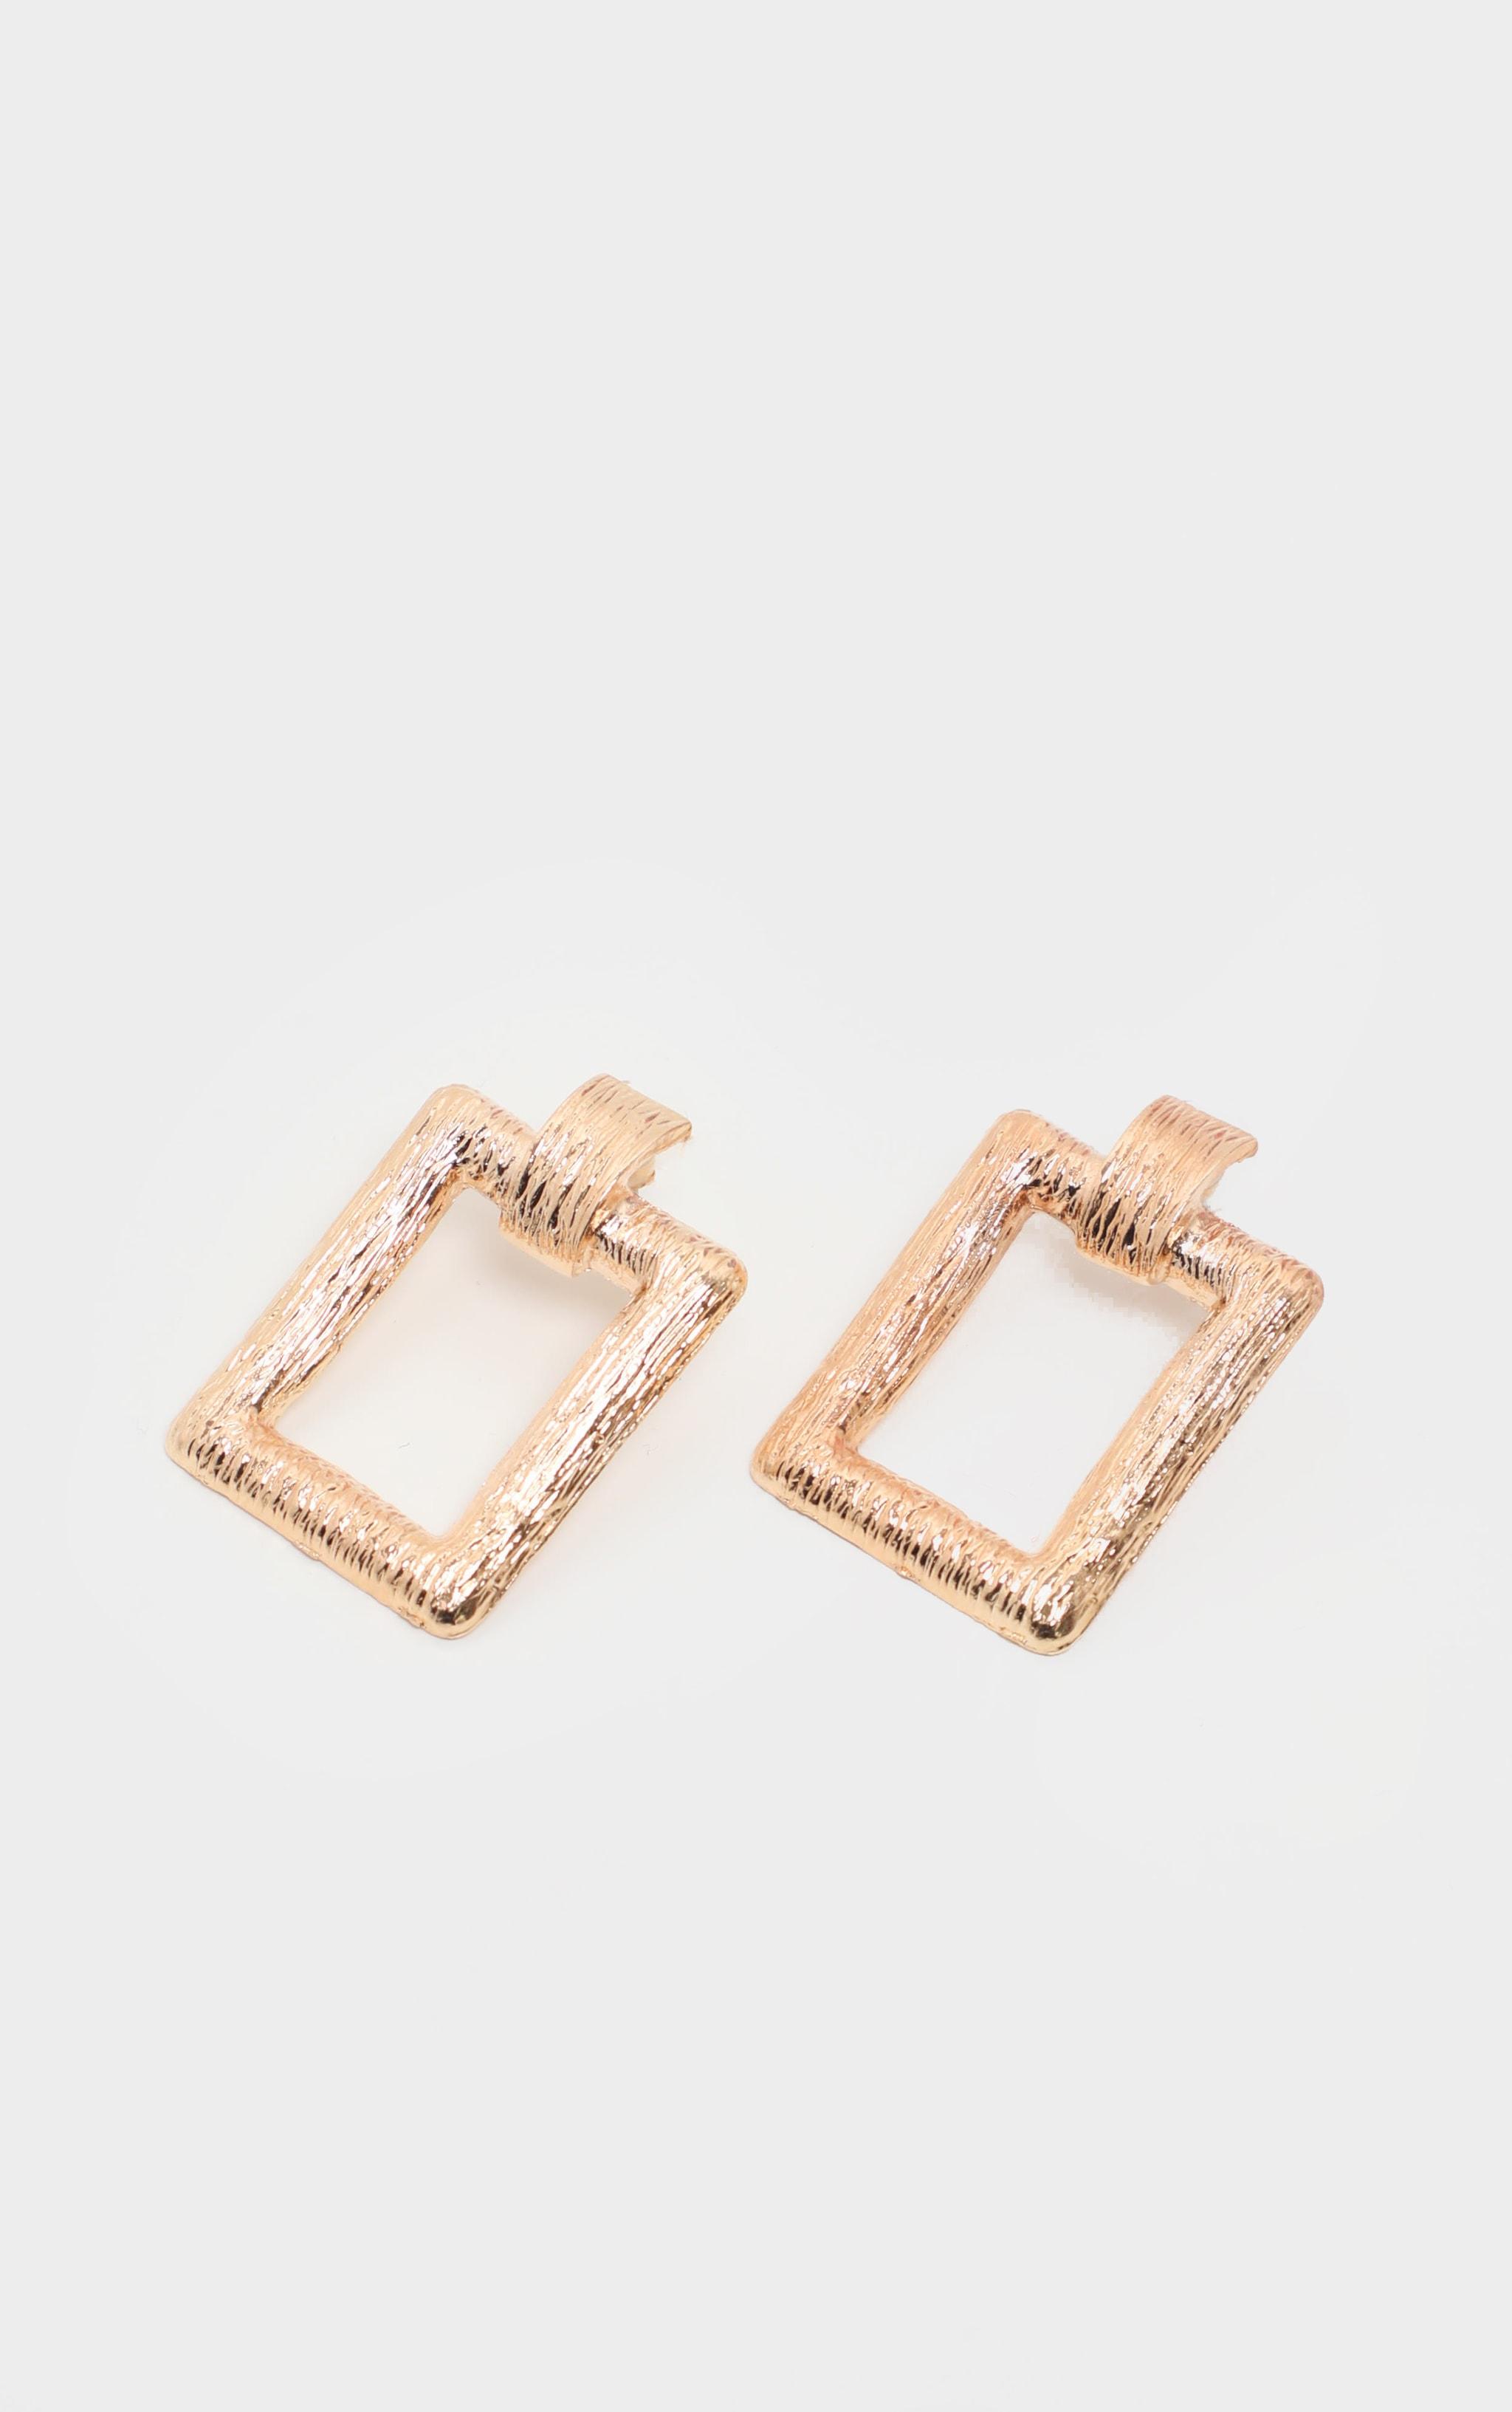 Gold scratch Effect Rectangle Door knocker Earrings   2